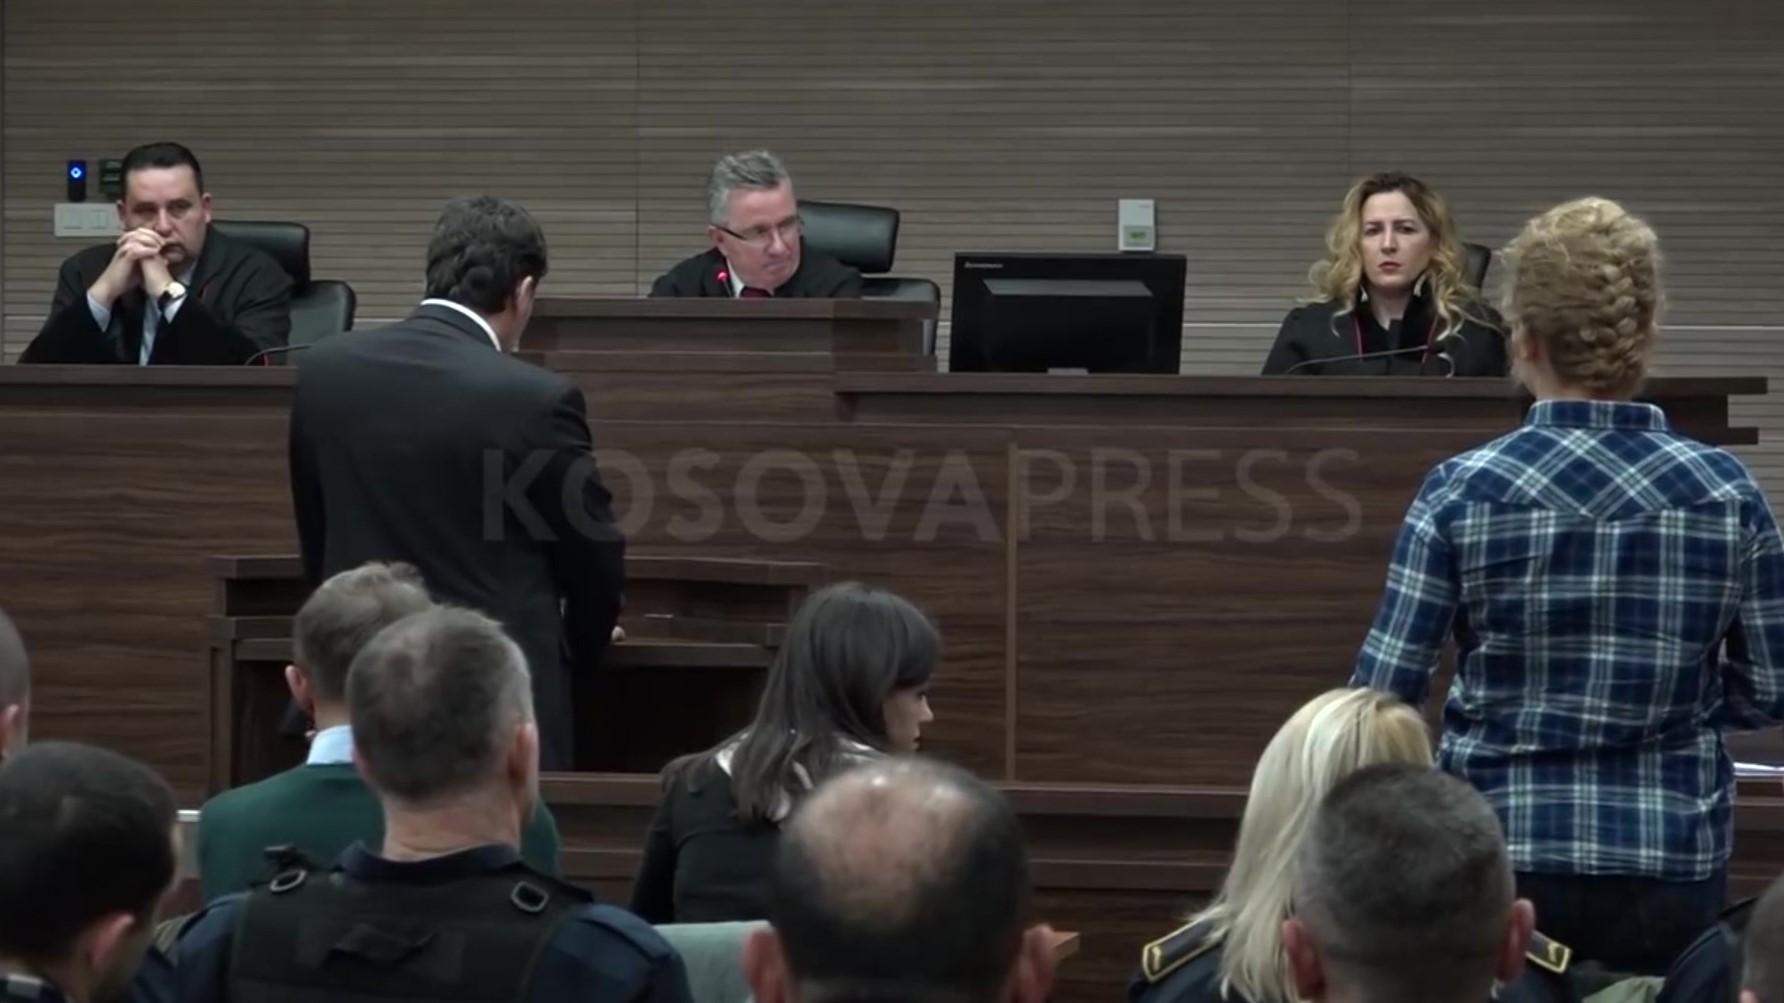 Haxhiu: Nuk dënohen kriminelët por deputetët që mbrojtën republikën